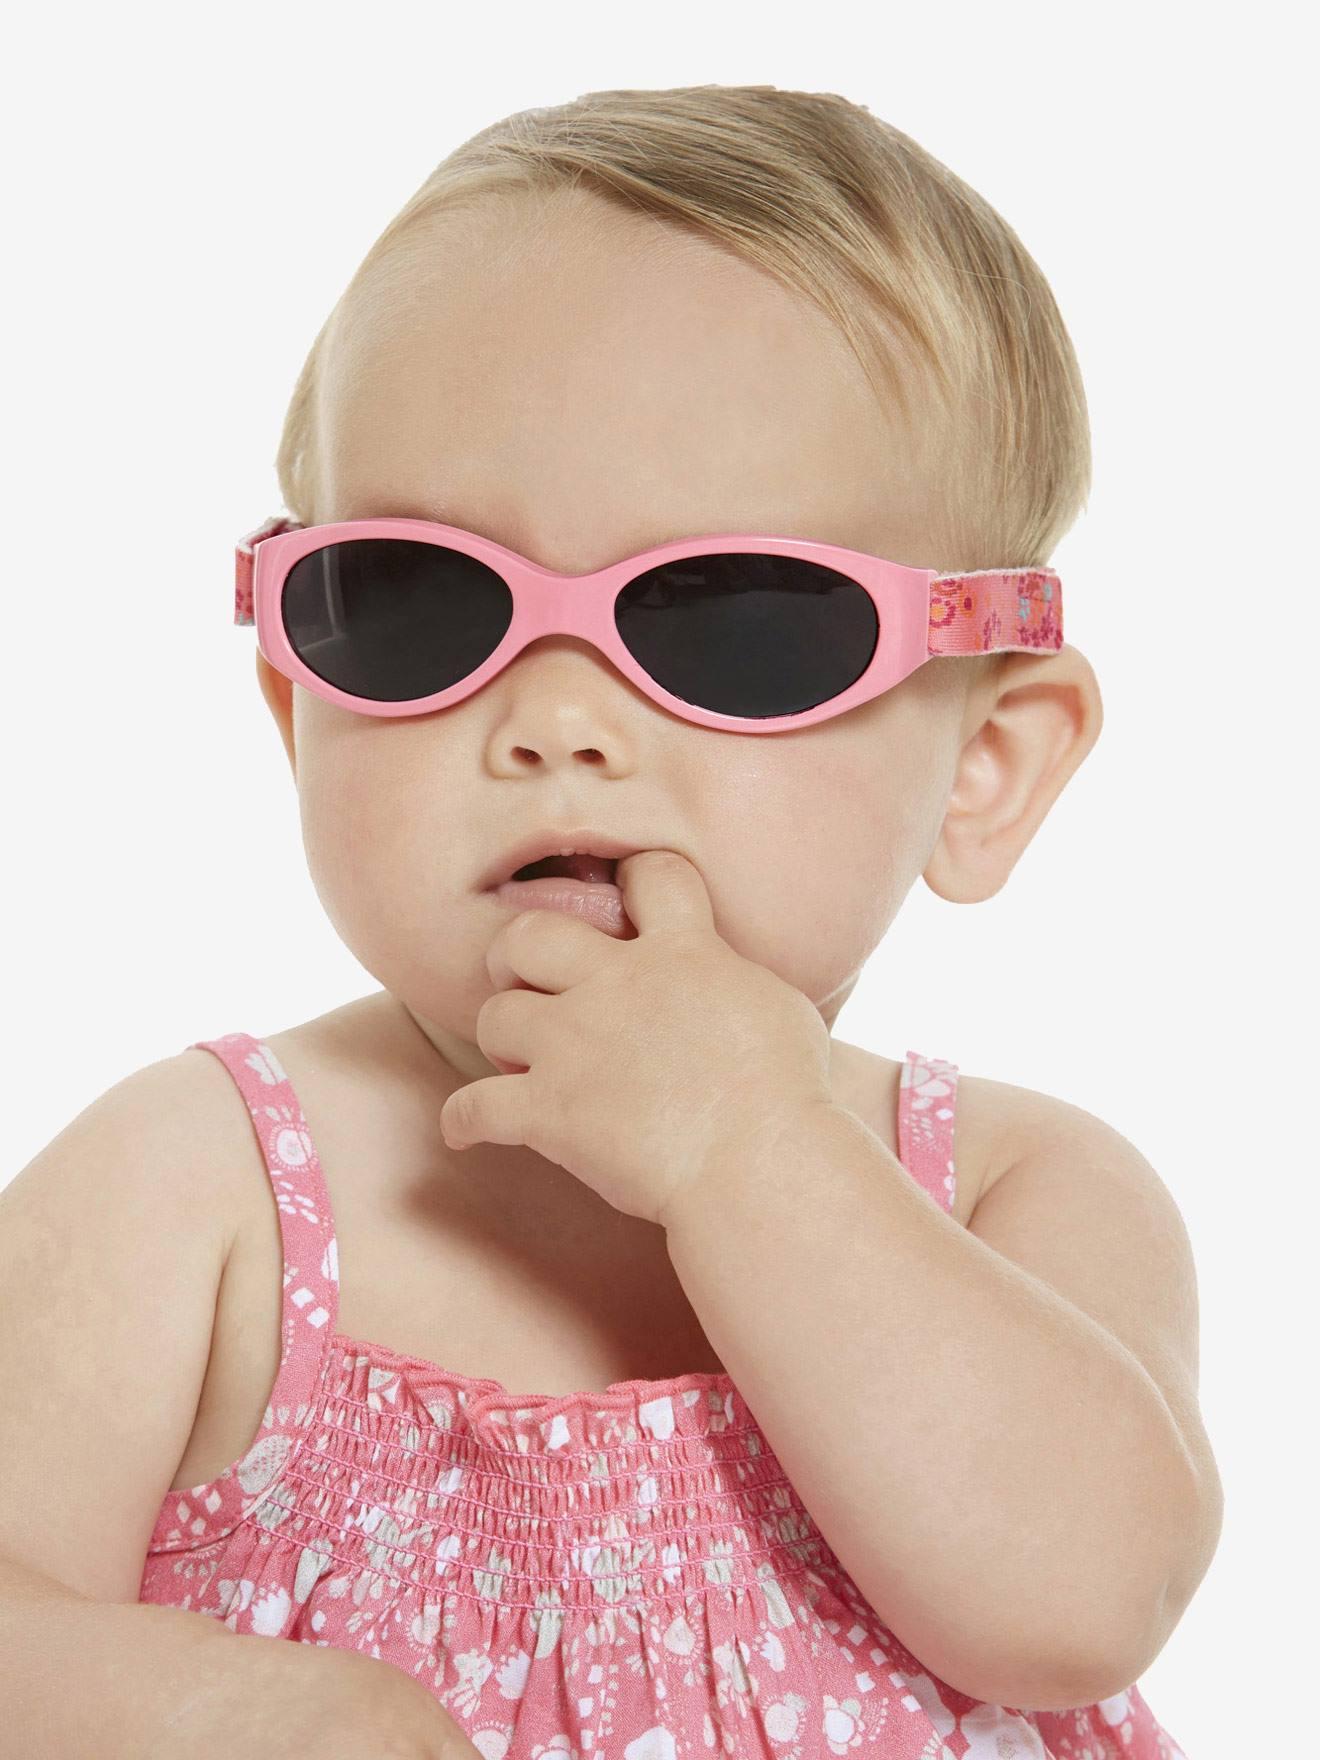 Lunettes de soleil vertbaudet pour b b jusqu 39 18 mois for Bureau bebe 18 mois